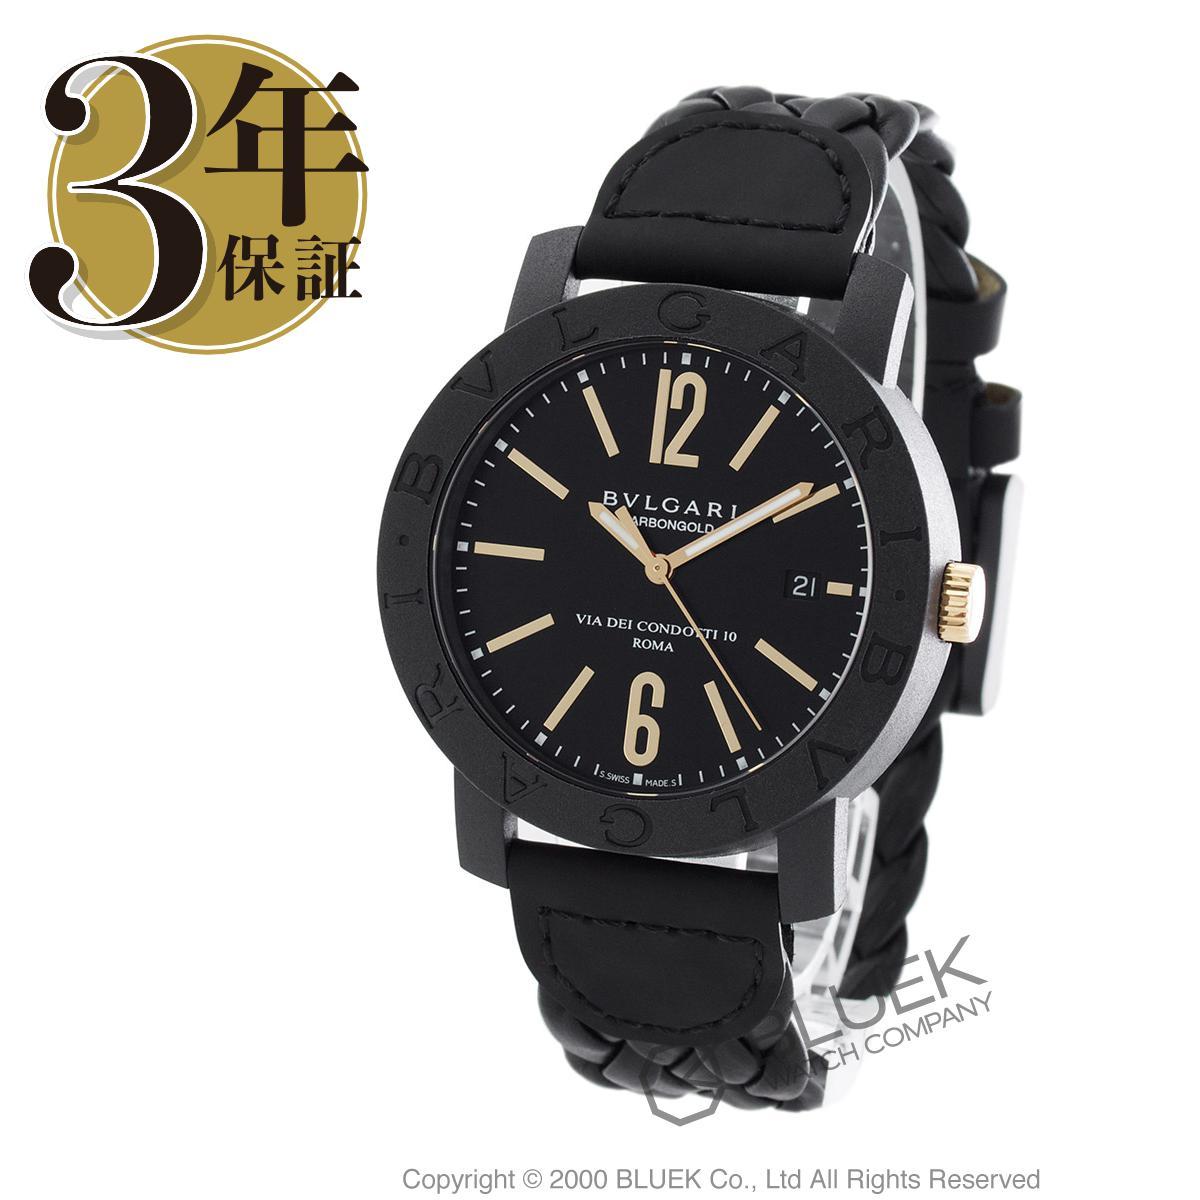 ブルガリ BVLGARI 腕時計 ブルガリブルガリ カーボンゴールド メンズ BBP40BCGLD/N_8